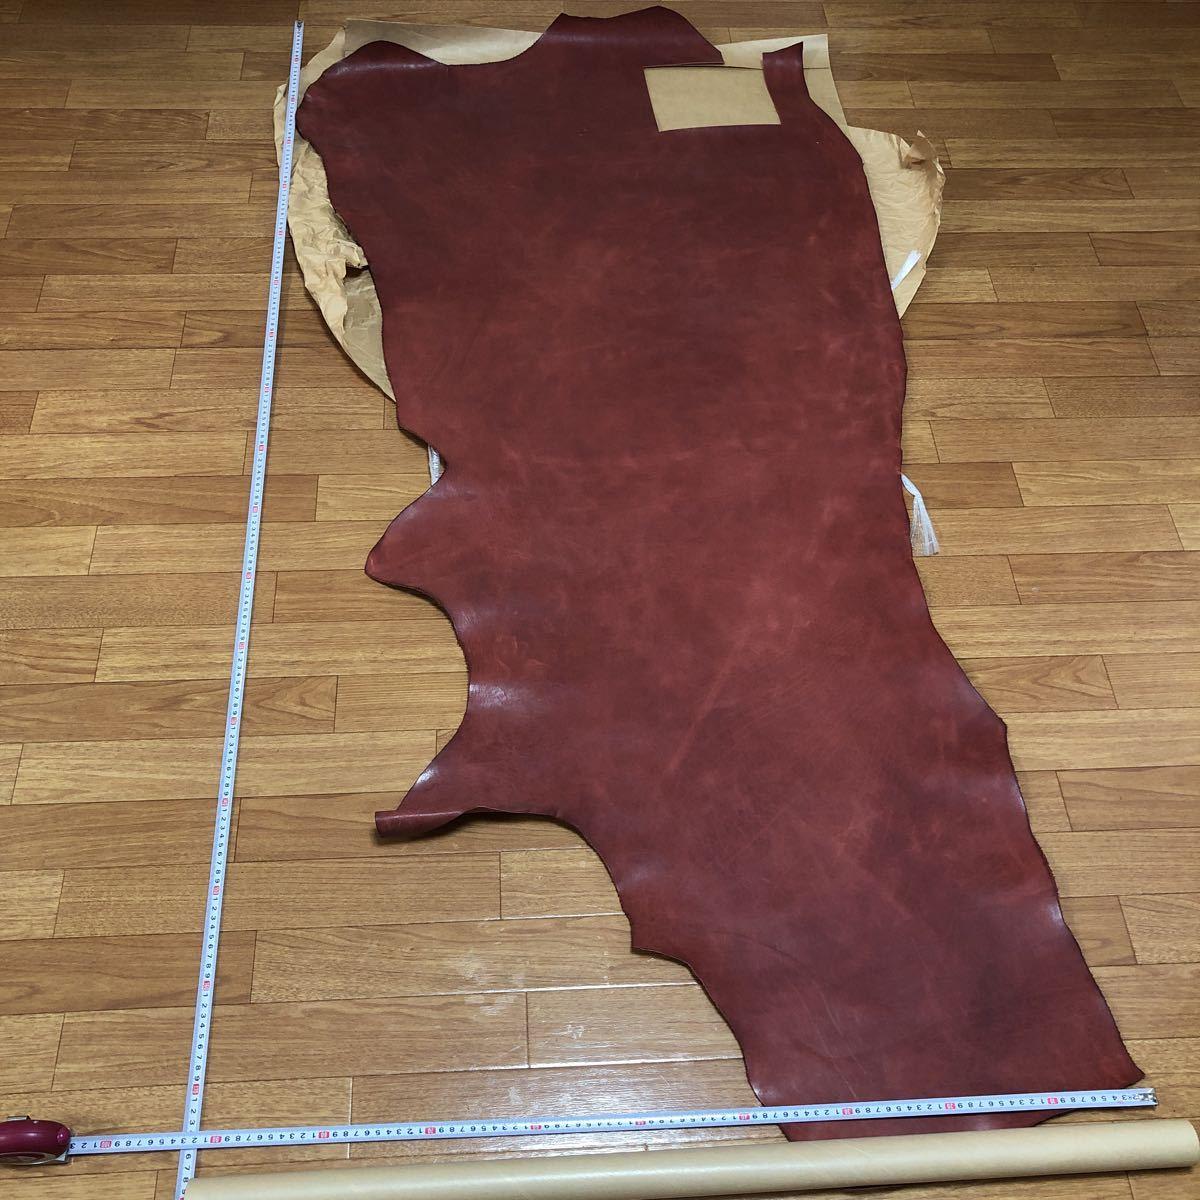 レザークラフト 革 レッド 赤 厚み2mm 約180cmx約90cm はぎれ